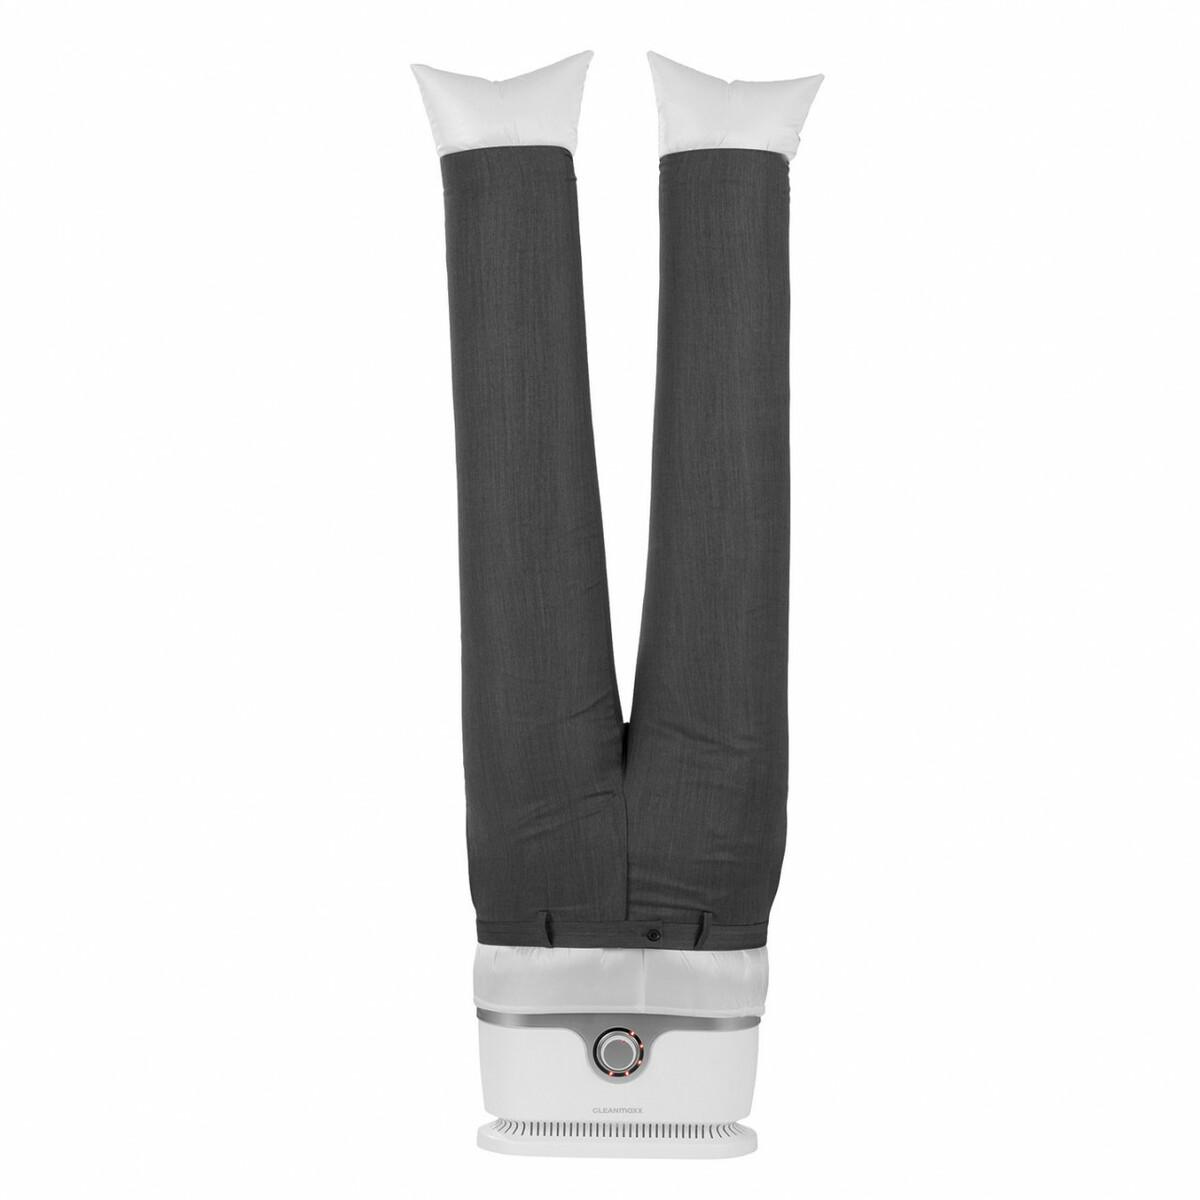 Bild 2 von CLEANmaxx Bügler-Aufsatz für Hosen, silber/weiß